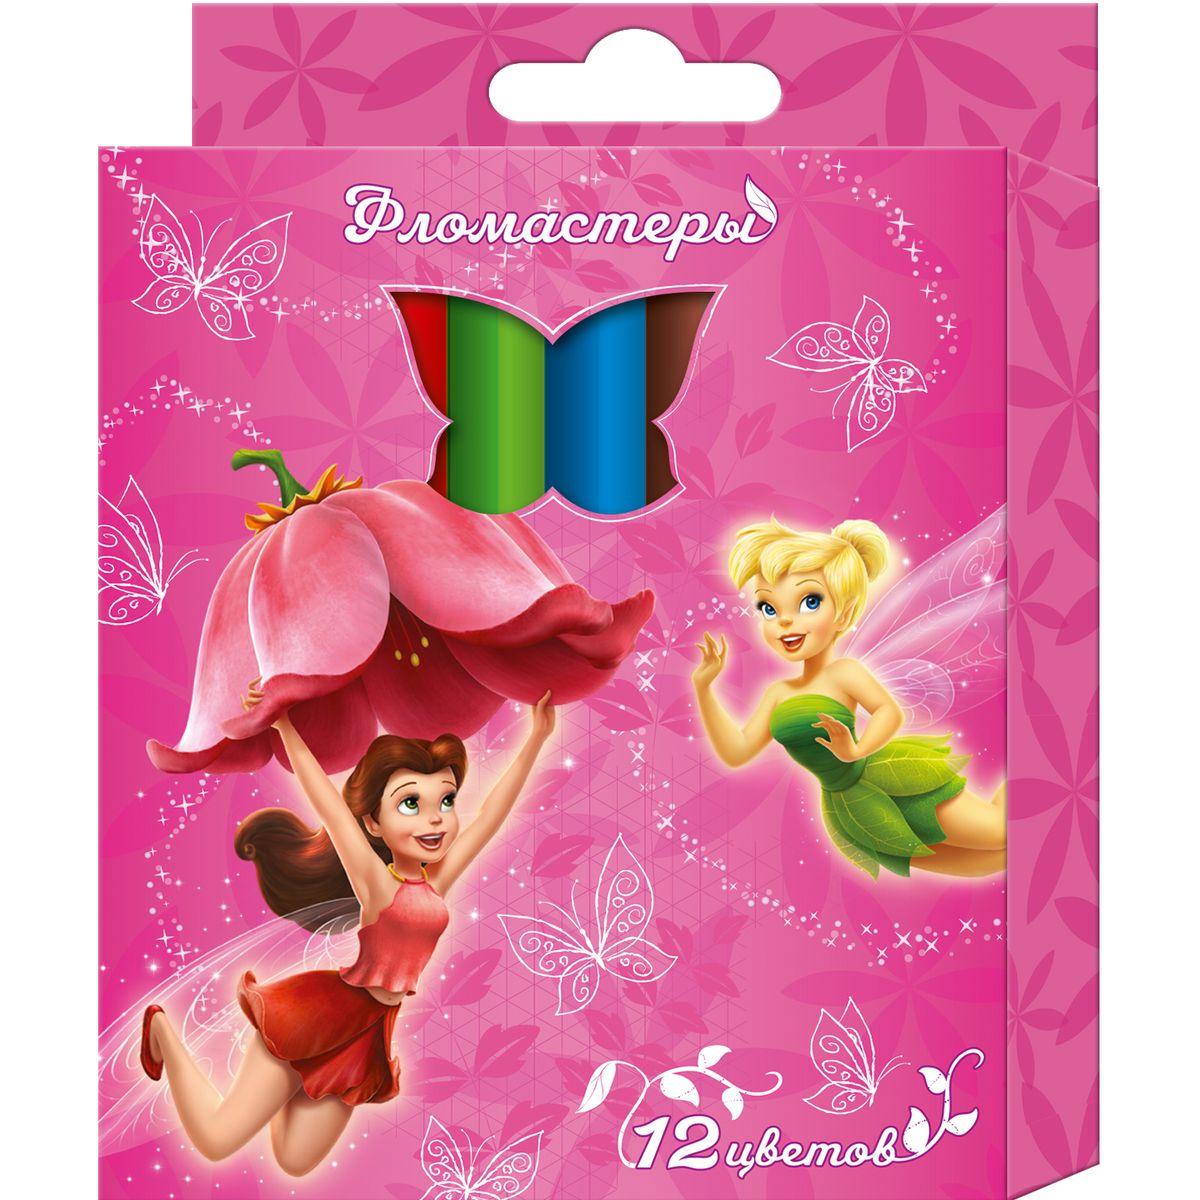 Disney Набор фломастеров Феи 12 цветов28991Набор цветных фломастеров Disney Феи идеально подходит для рисования и раскрашивания. Он поможет маленькой художнице создать яркие картинки, а упаковка с любимыми героями будет долгое время радовать малышку. В набор входит 12 разноцветных фломастеров с вентилируемыми колпачками, совершенно безопасными для здоровья детей. Диаметр корпуса каждого фломастера 0,8 см. Фломастеры изготовлены из материала, обеспечивающего прочность корпуса и препятствующего испарению чернил, благодаря этому они имеют гарантированно долгий срок службы. Корпус фломастера не сломается, даже если согнуть его пополам.